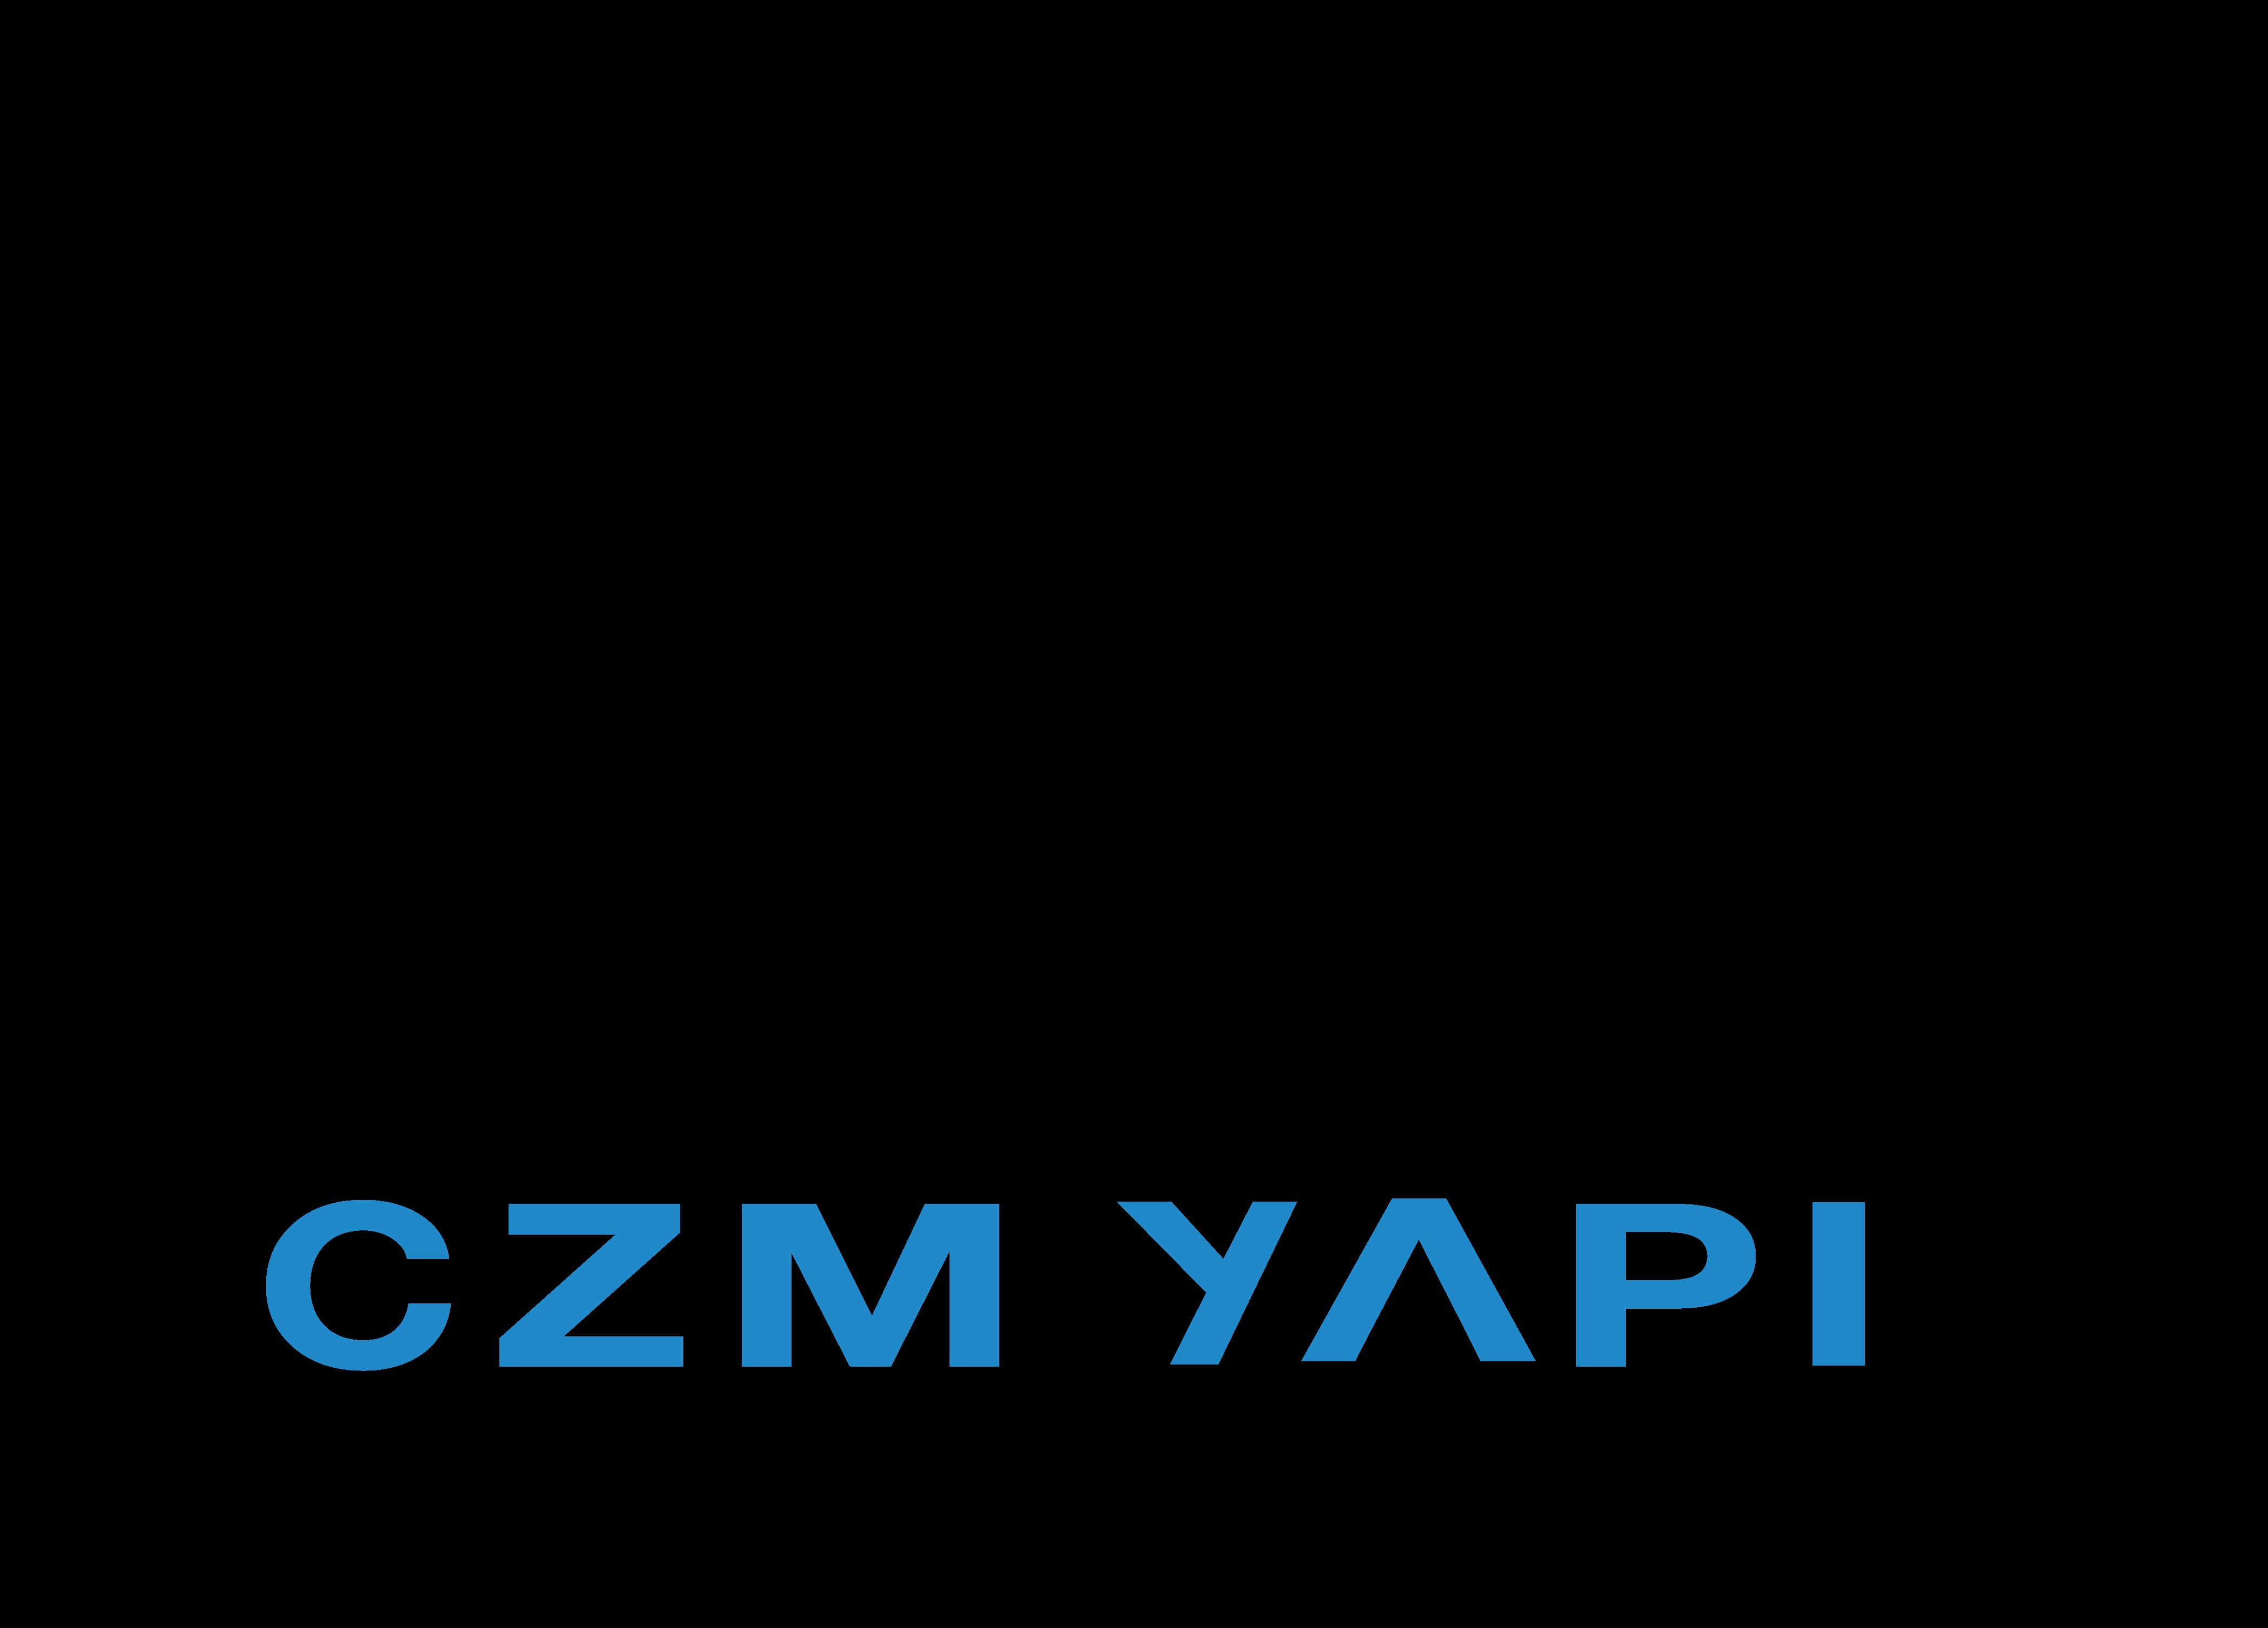 CZM YAPI